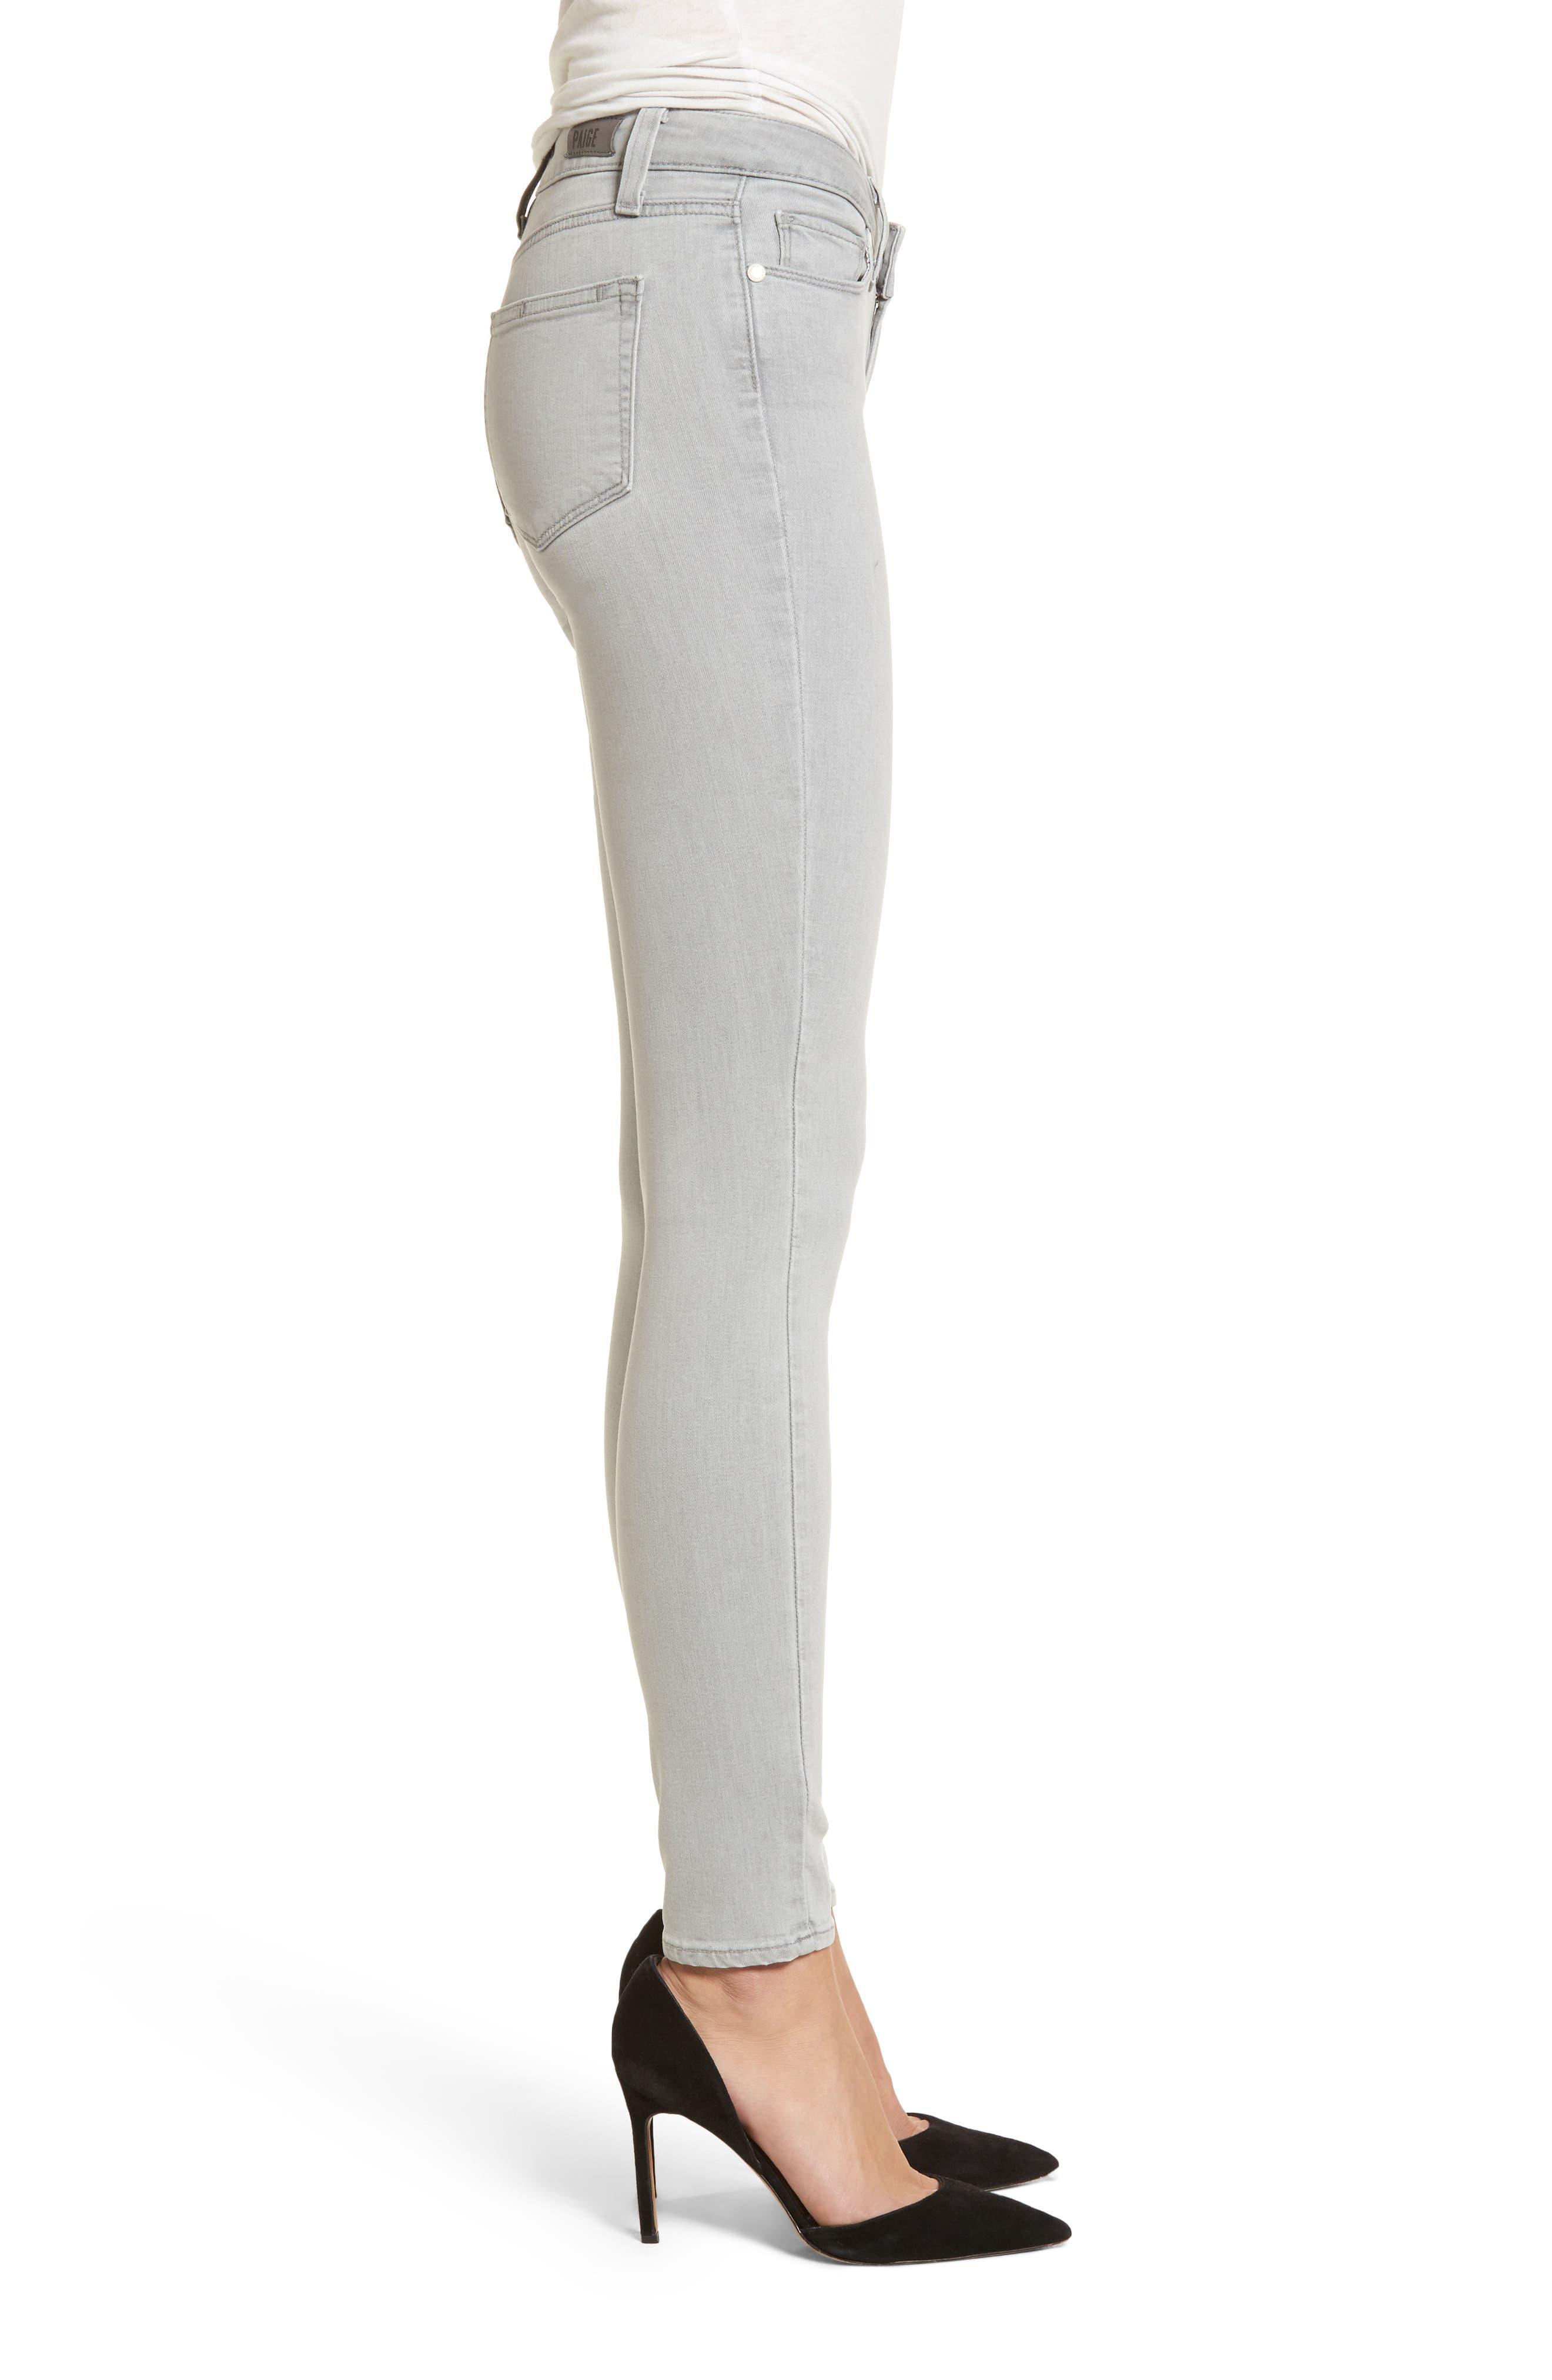 Transcend - Verdugo Ultra Skinny Jeans,                             Alternate thumbnail 3, color,                             Whisper Grey